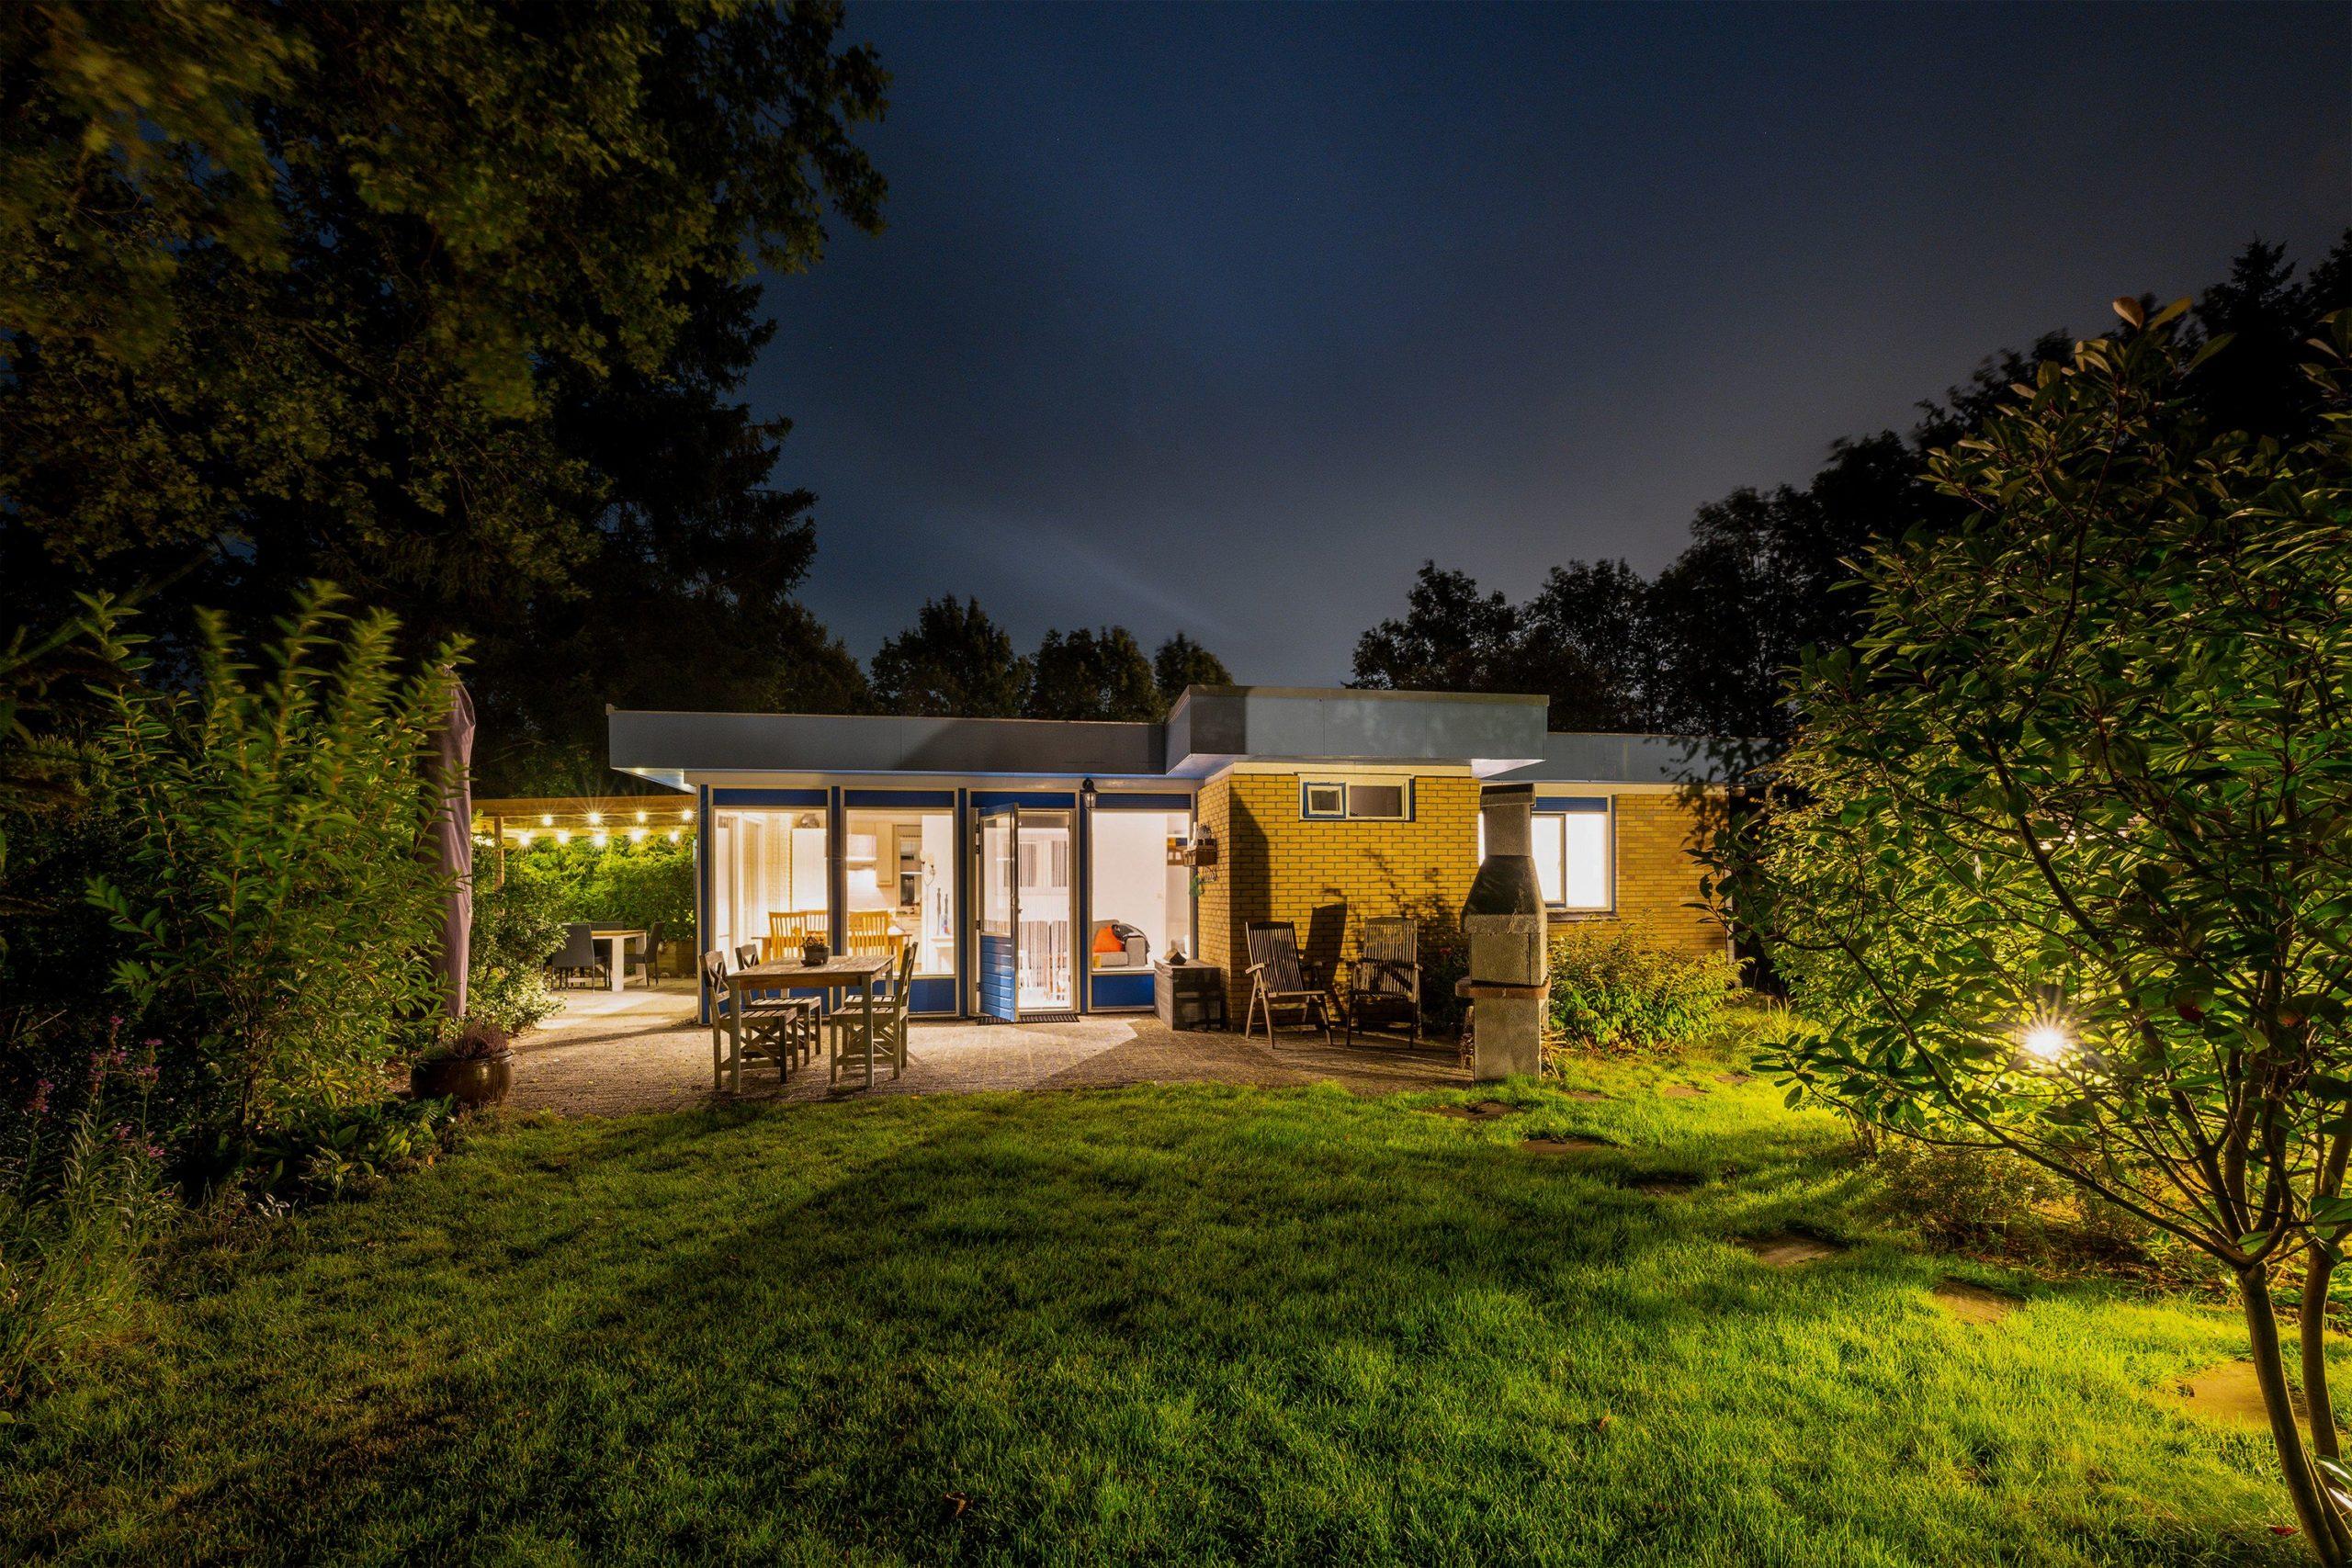 blauwe-boshuis-by-night